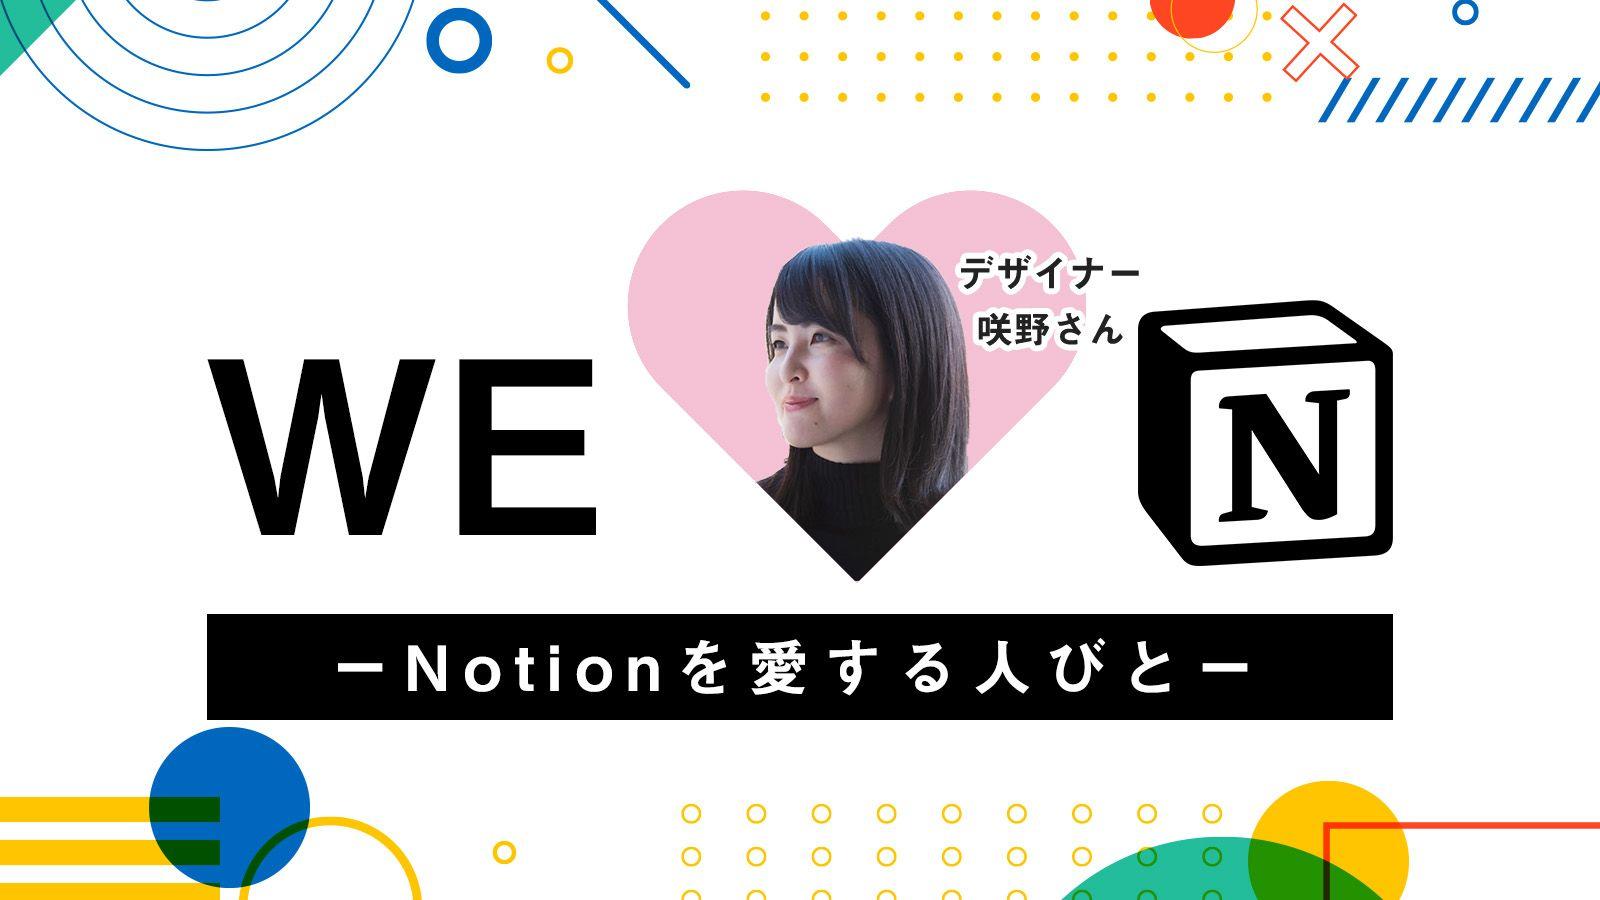 【私のNotion活用術】気持ちよく仕事を進められる「ホーム画面」の作り方